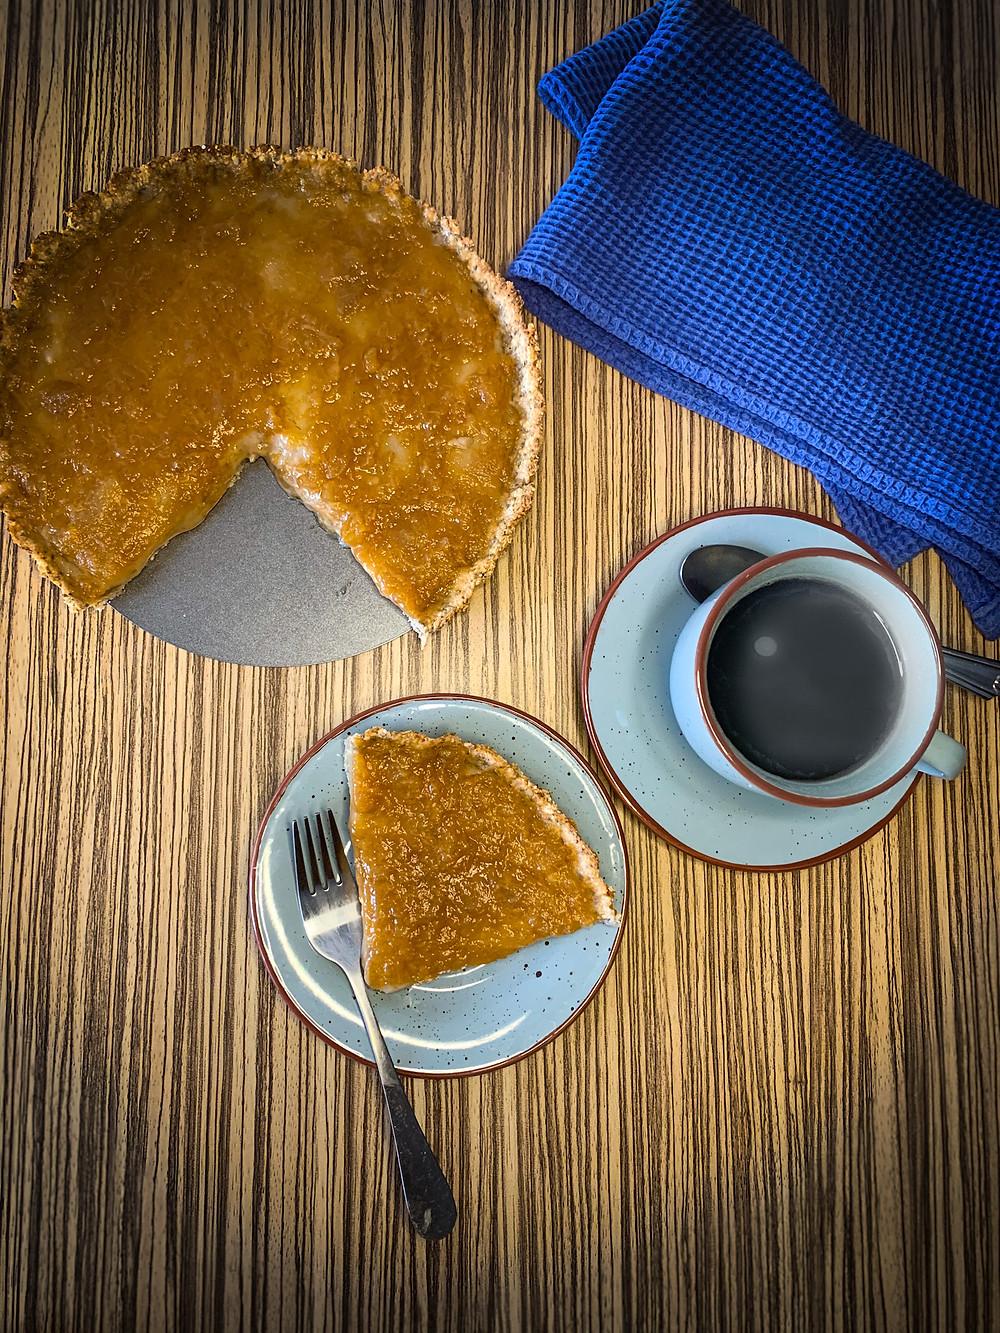 Kuchen de crema pastelera y mermelada - Nutricionista Online Karina Herrera